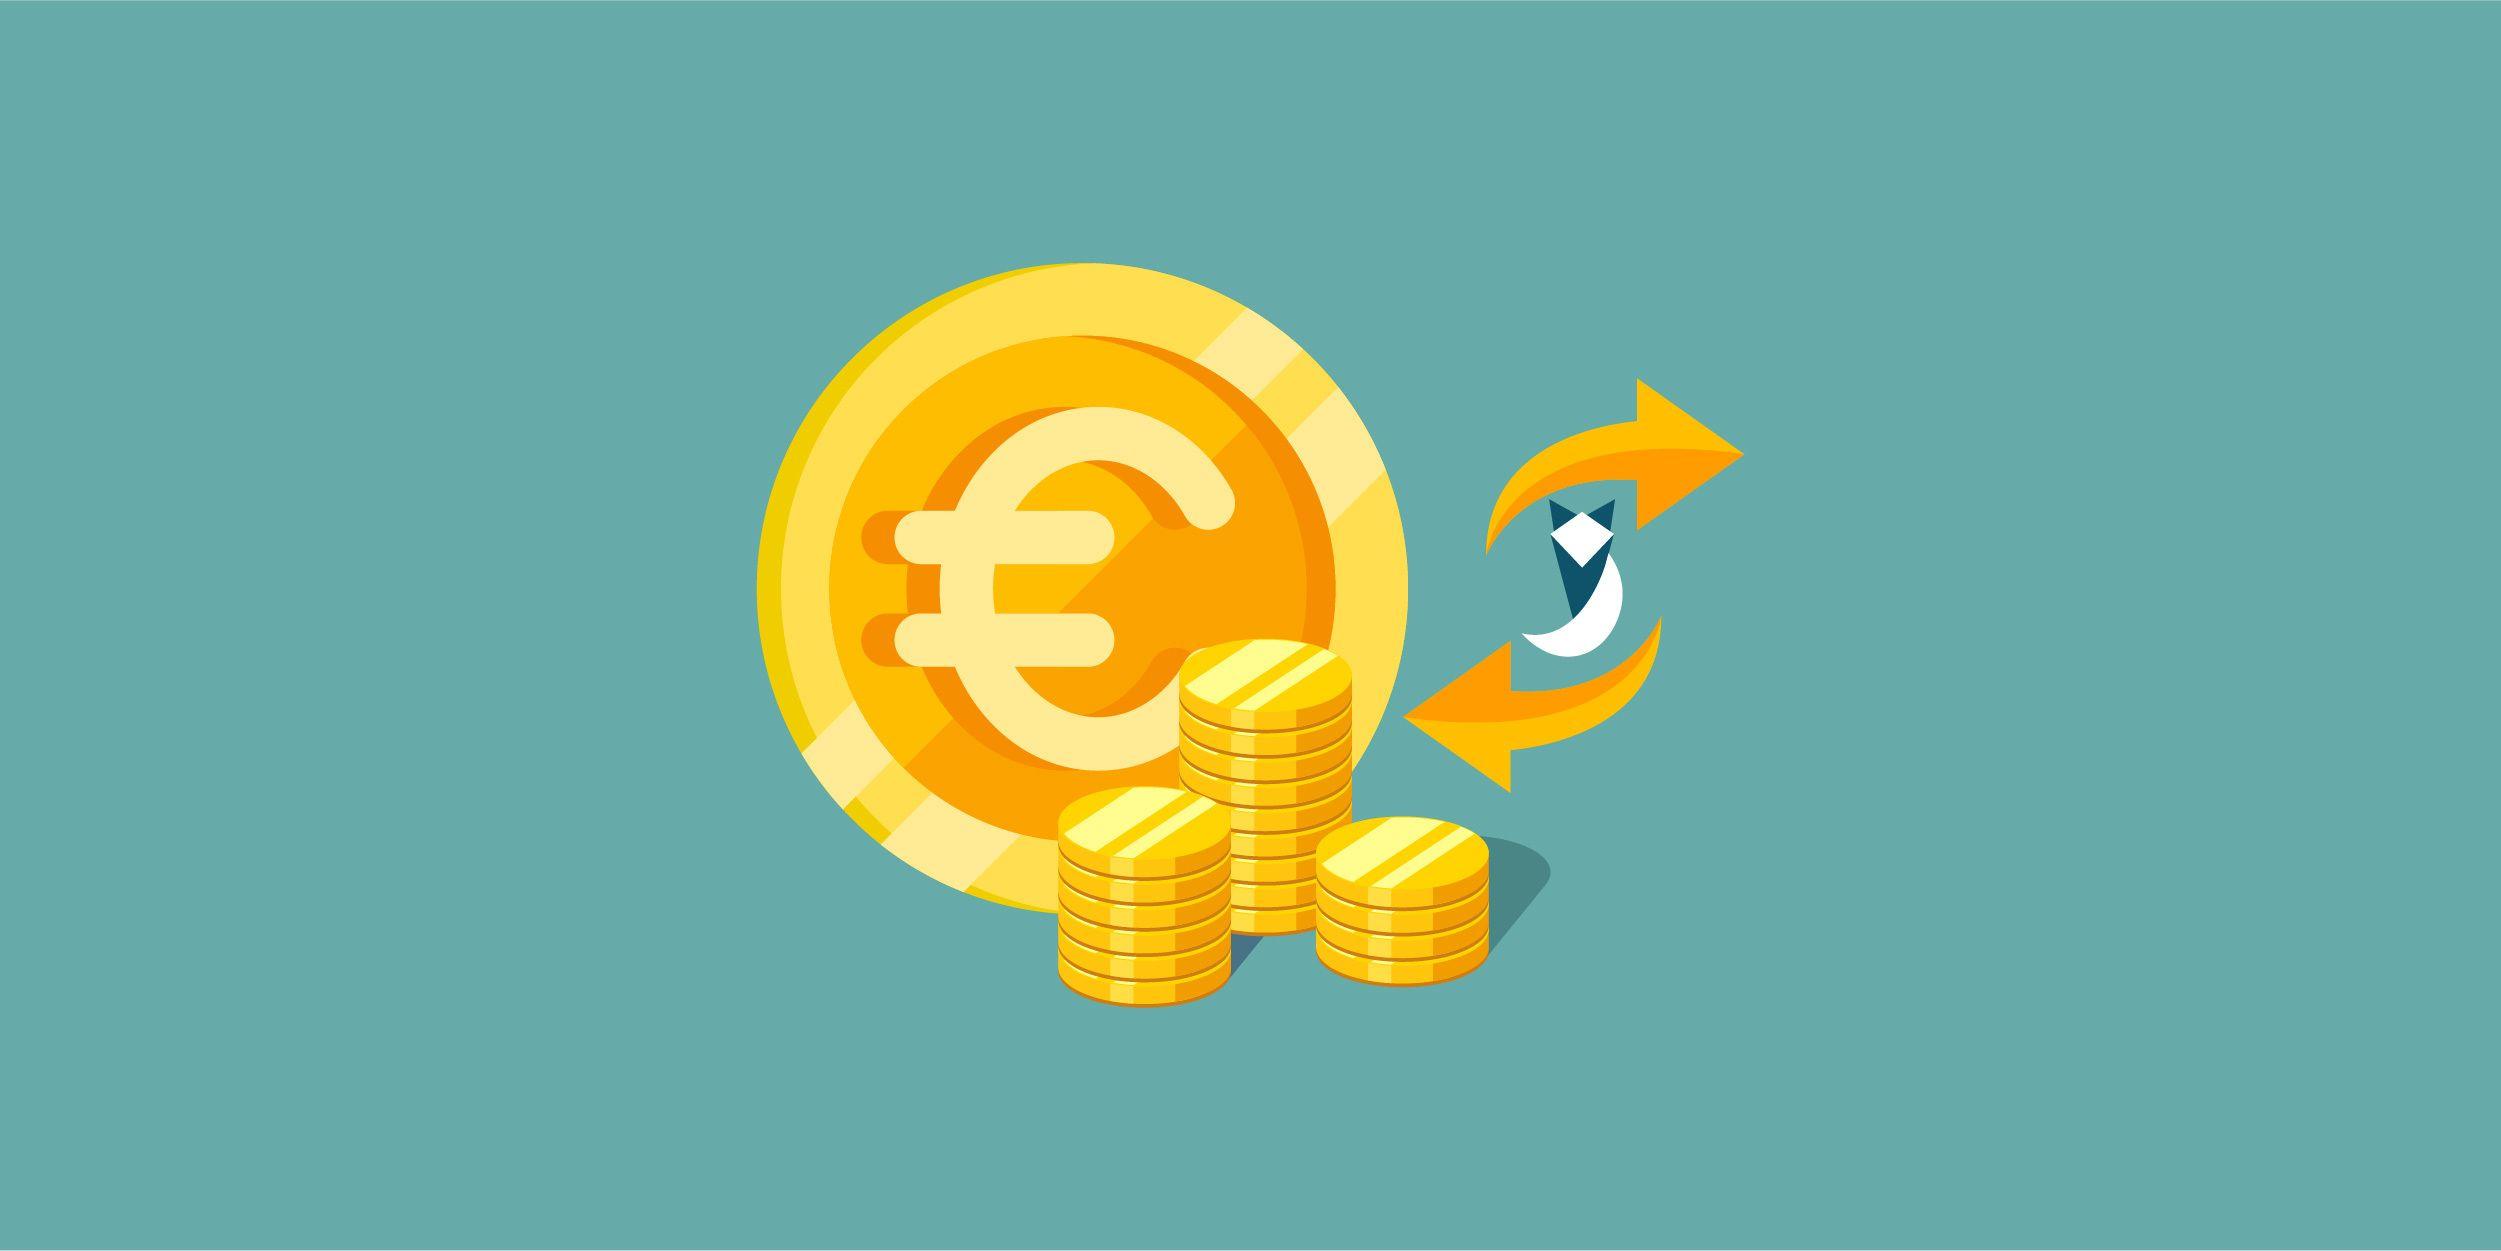 سعر اليورو في البنوك المصرية اليوم 10 يونيو 2021